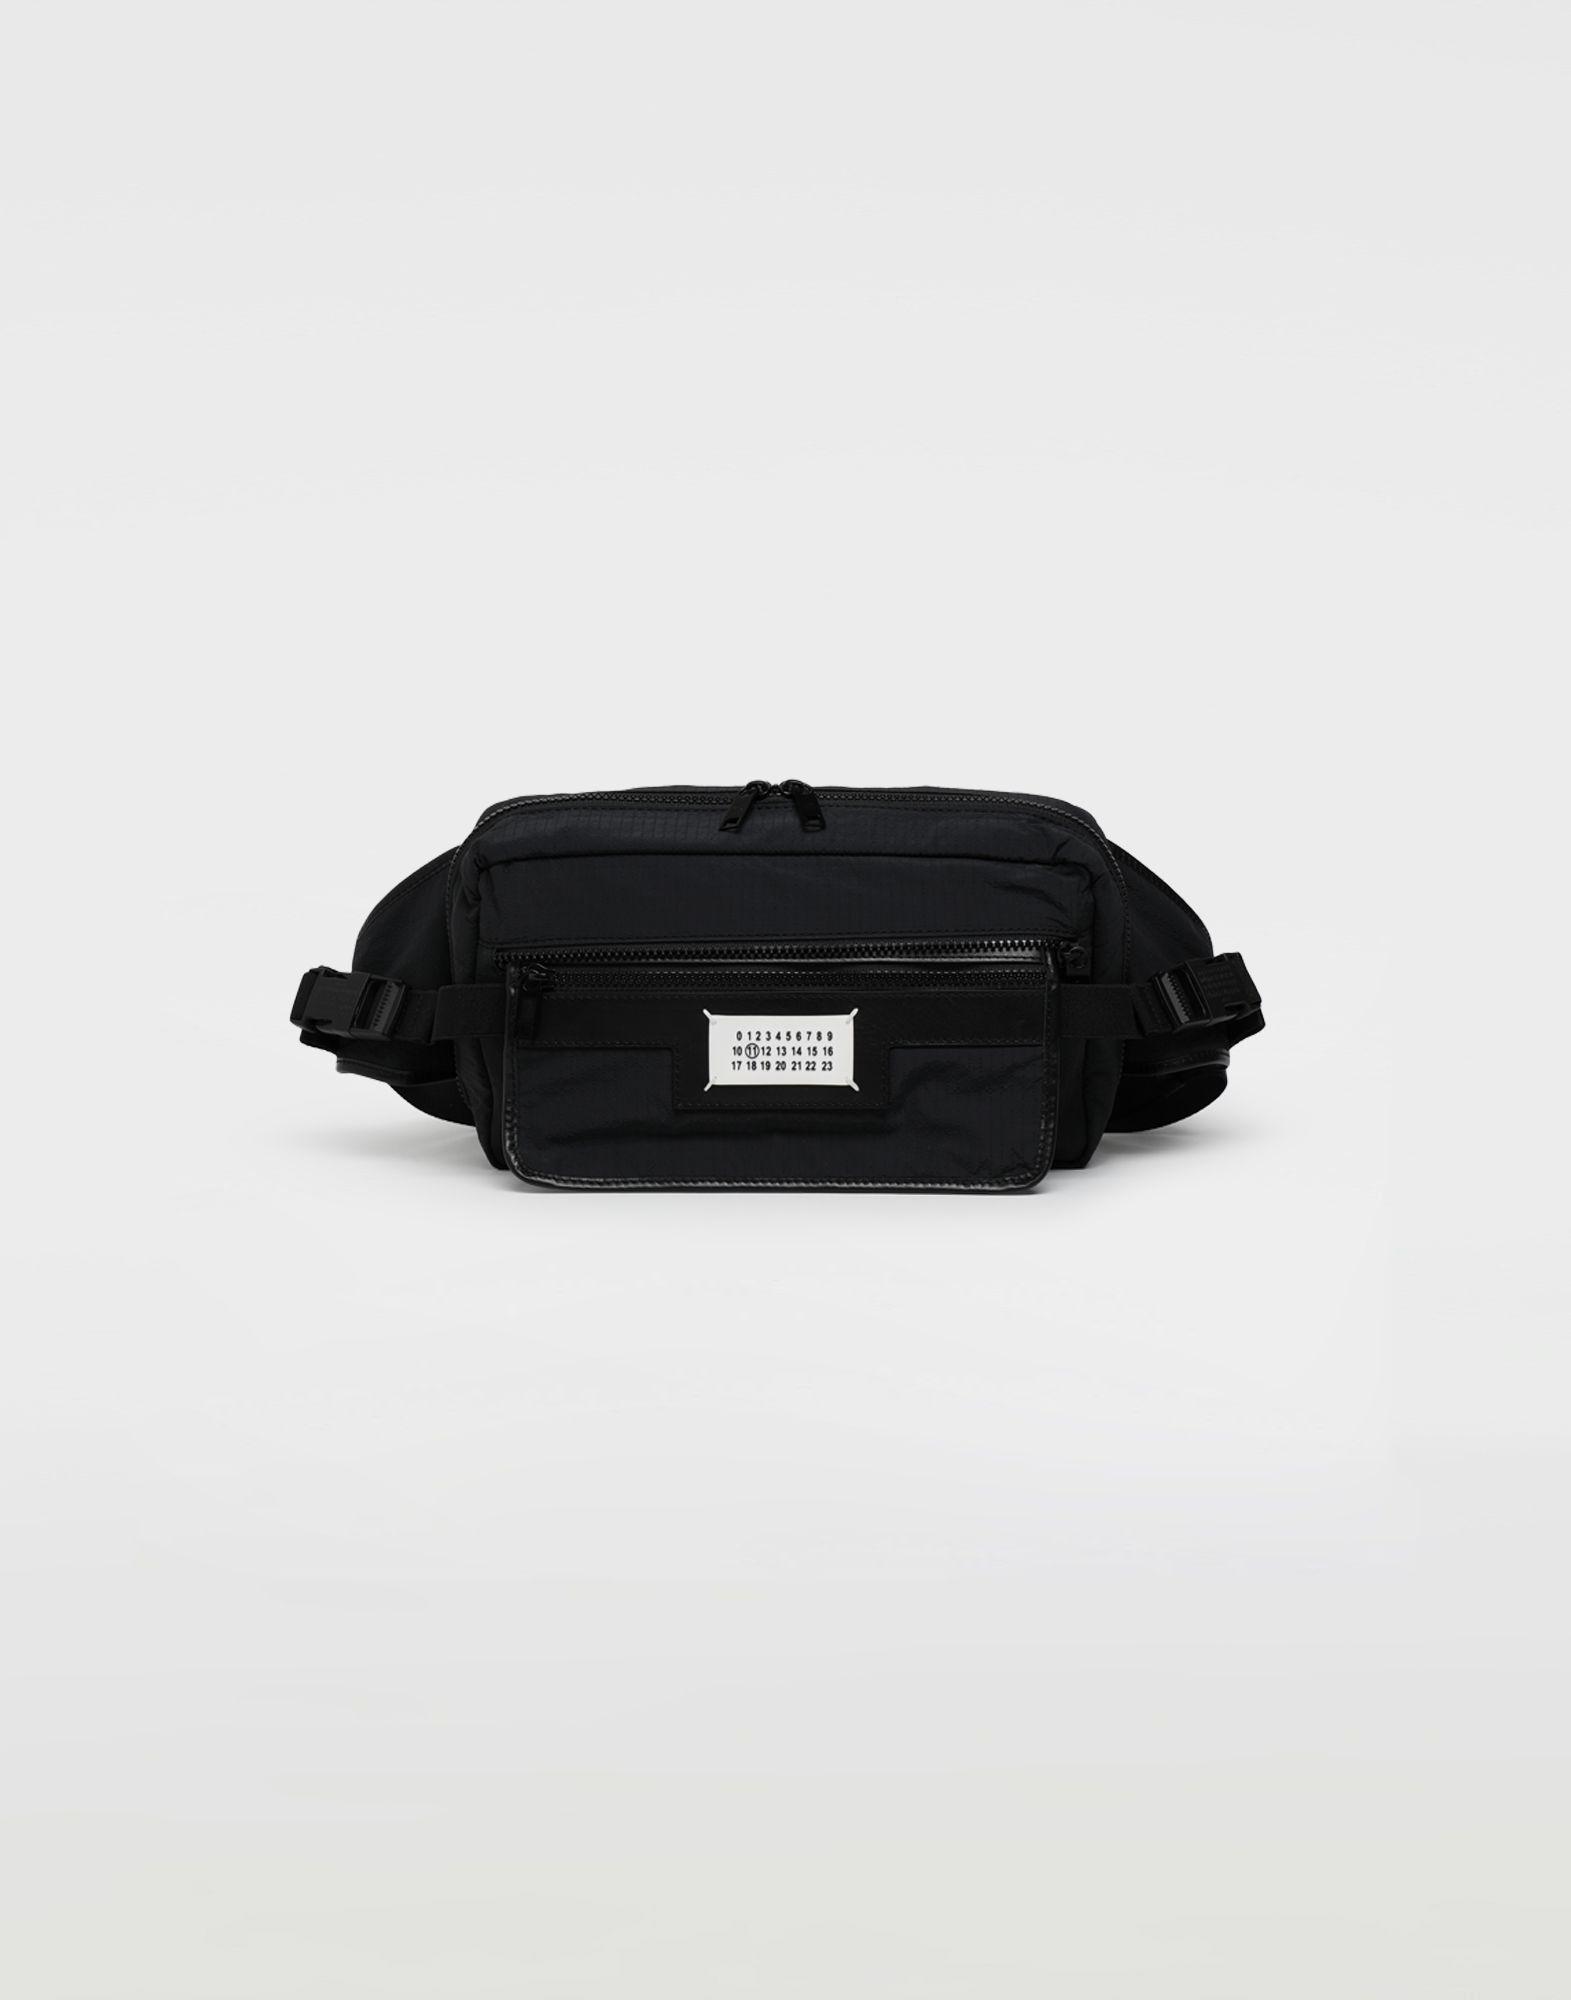 MAISON MARGIELA Сумка на ремешке с логотипом Поясная сумка Для Мужчин f